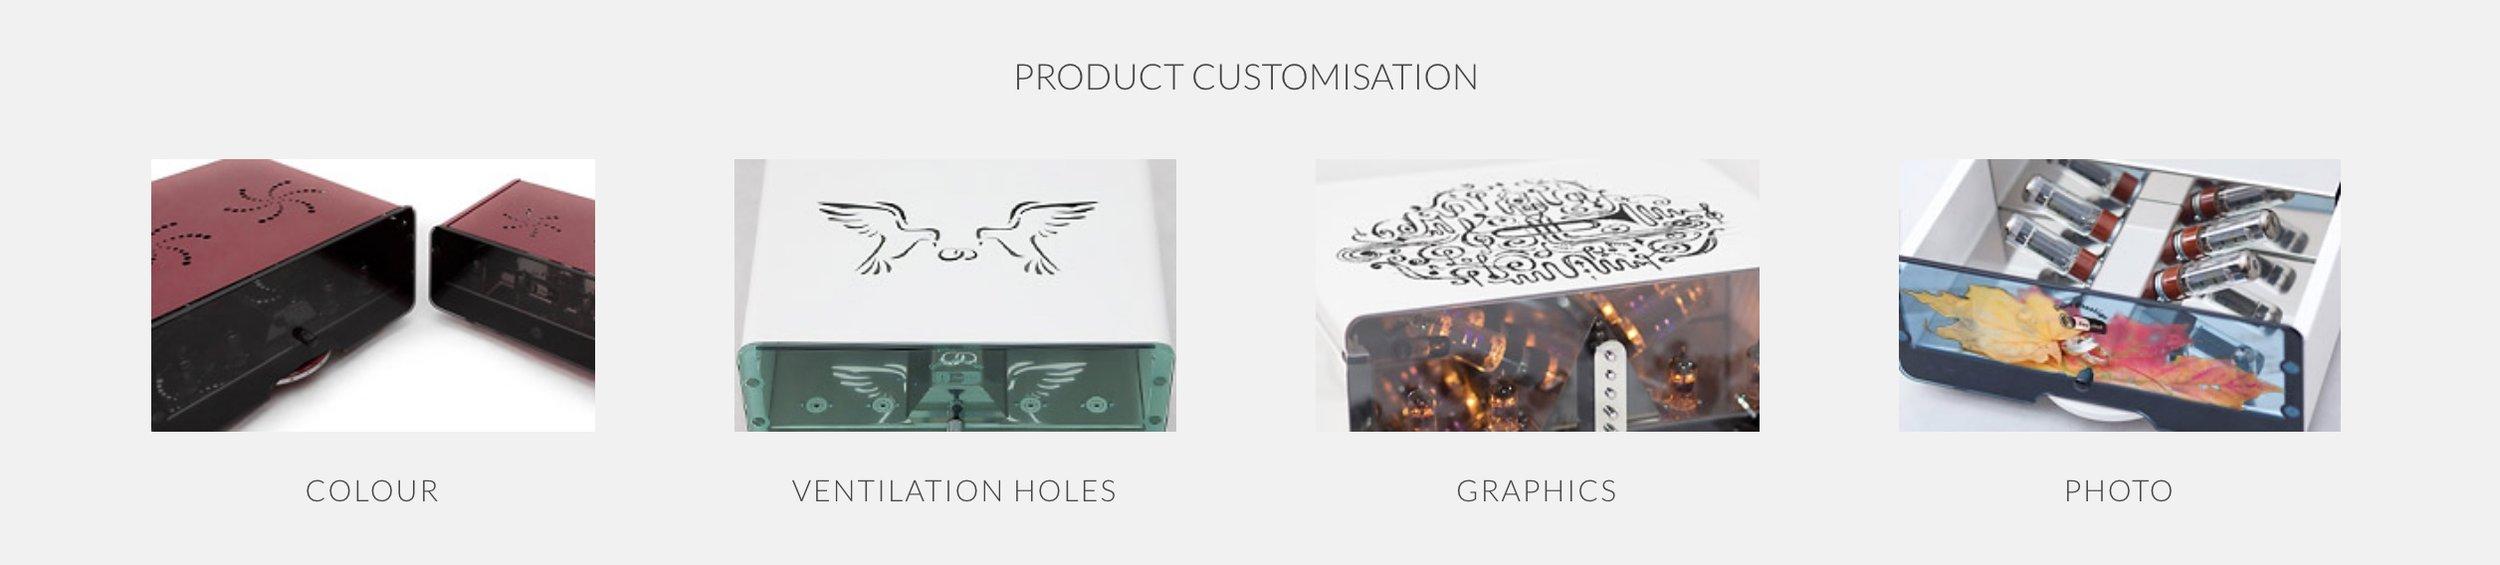 Egg-shell-customisations.jpeg